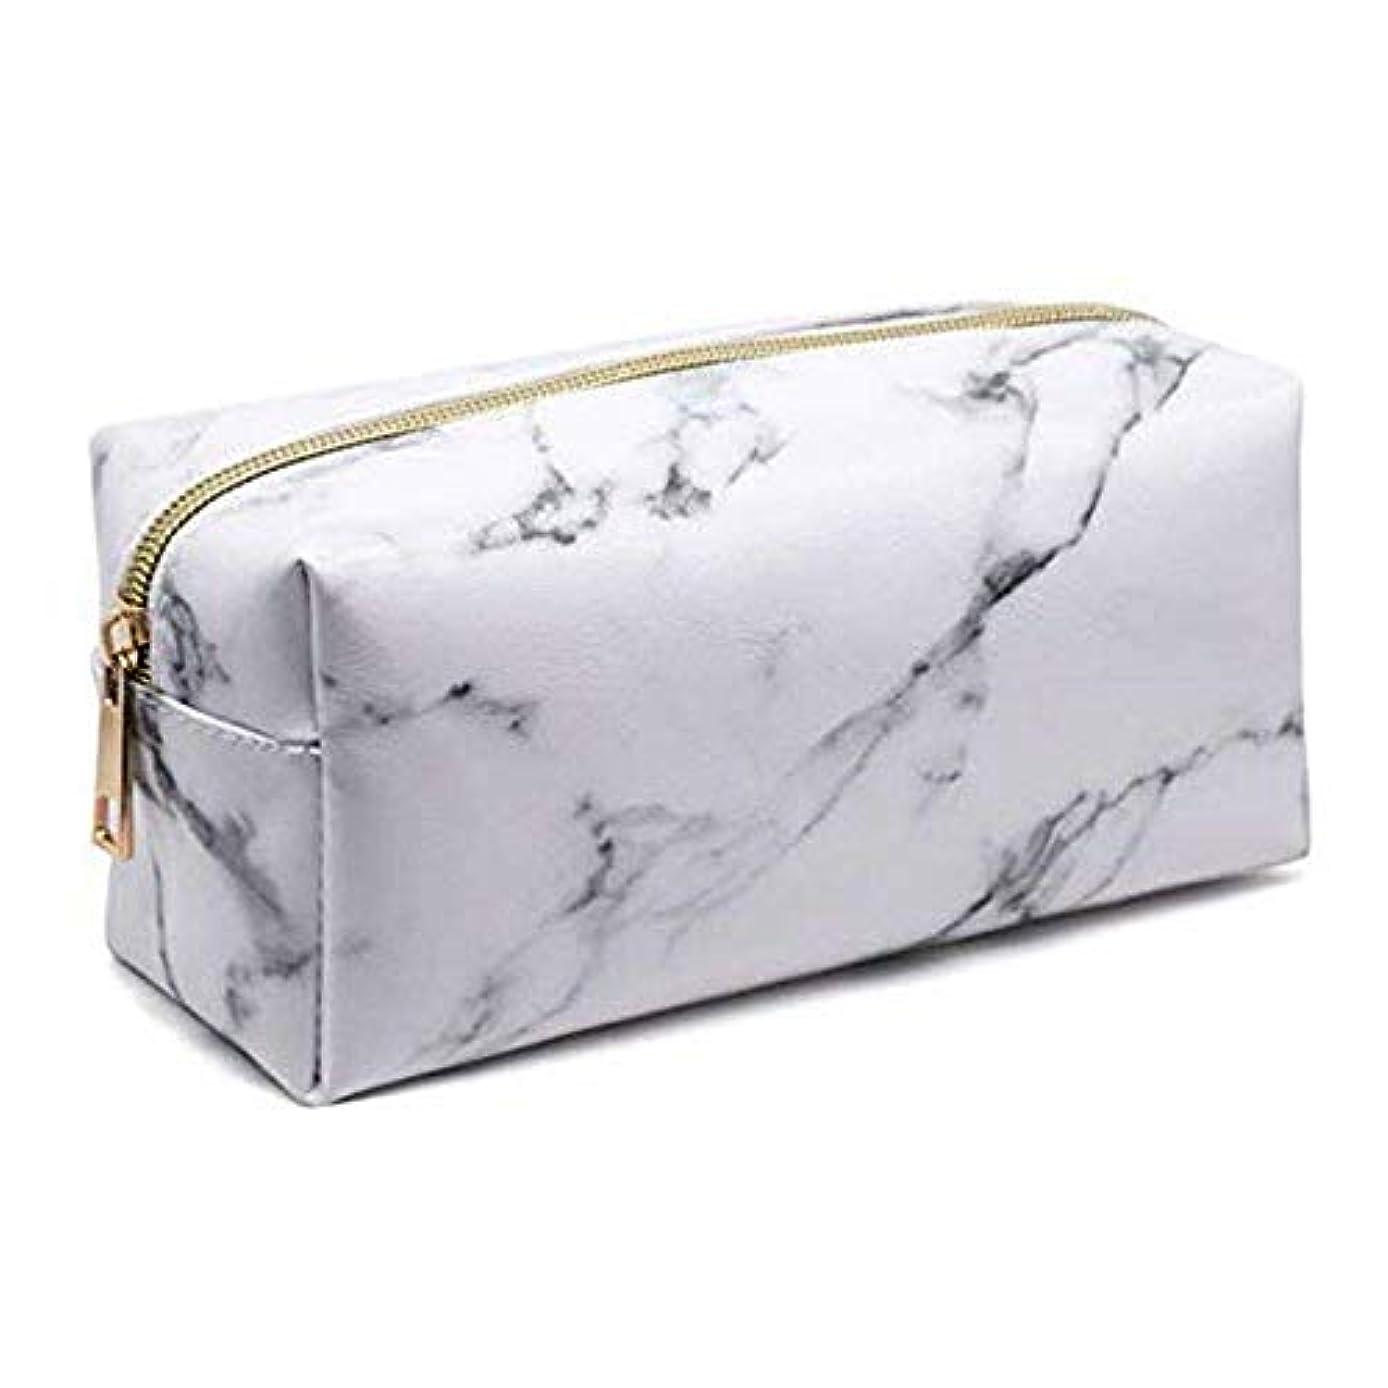 キー郵便屋さん復活させるPichidr-JP 化粧品袋化粧品袋ゴールドジッパー旅行ウォッシュバッグ化粧品収納袋付き屋外